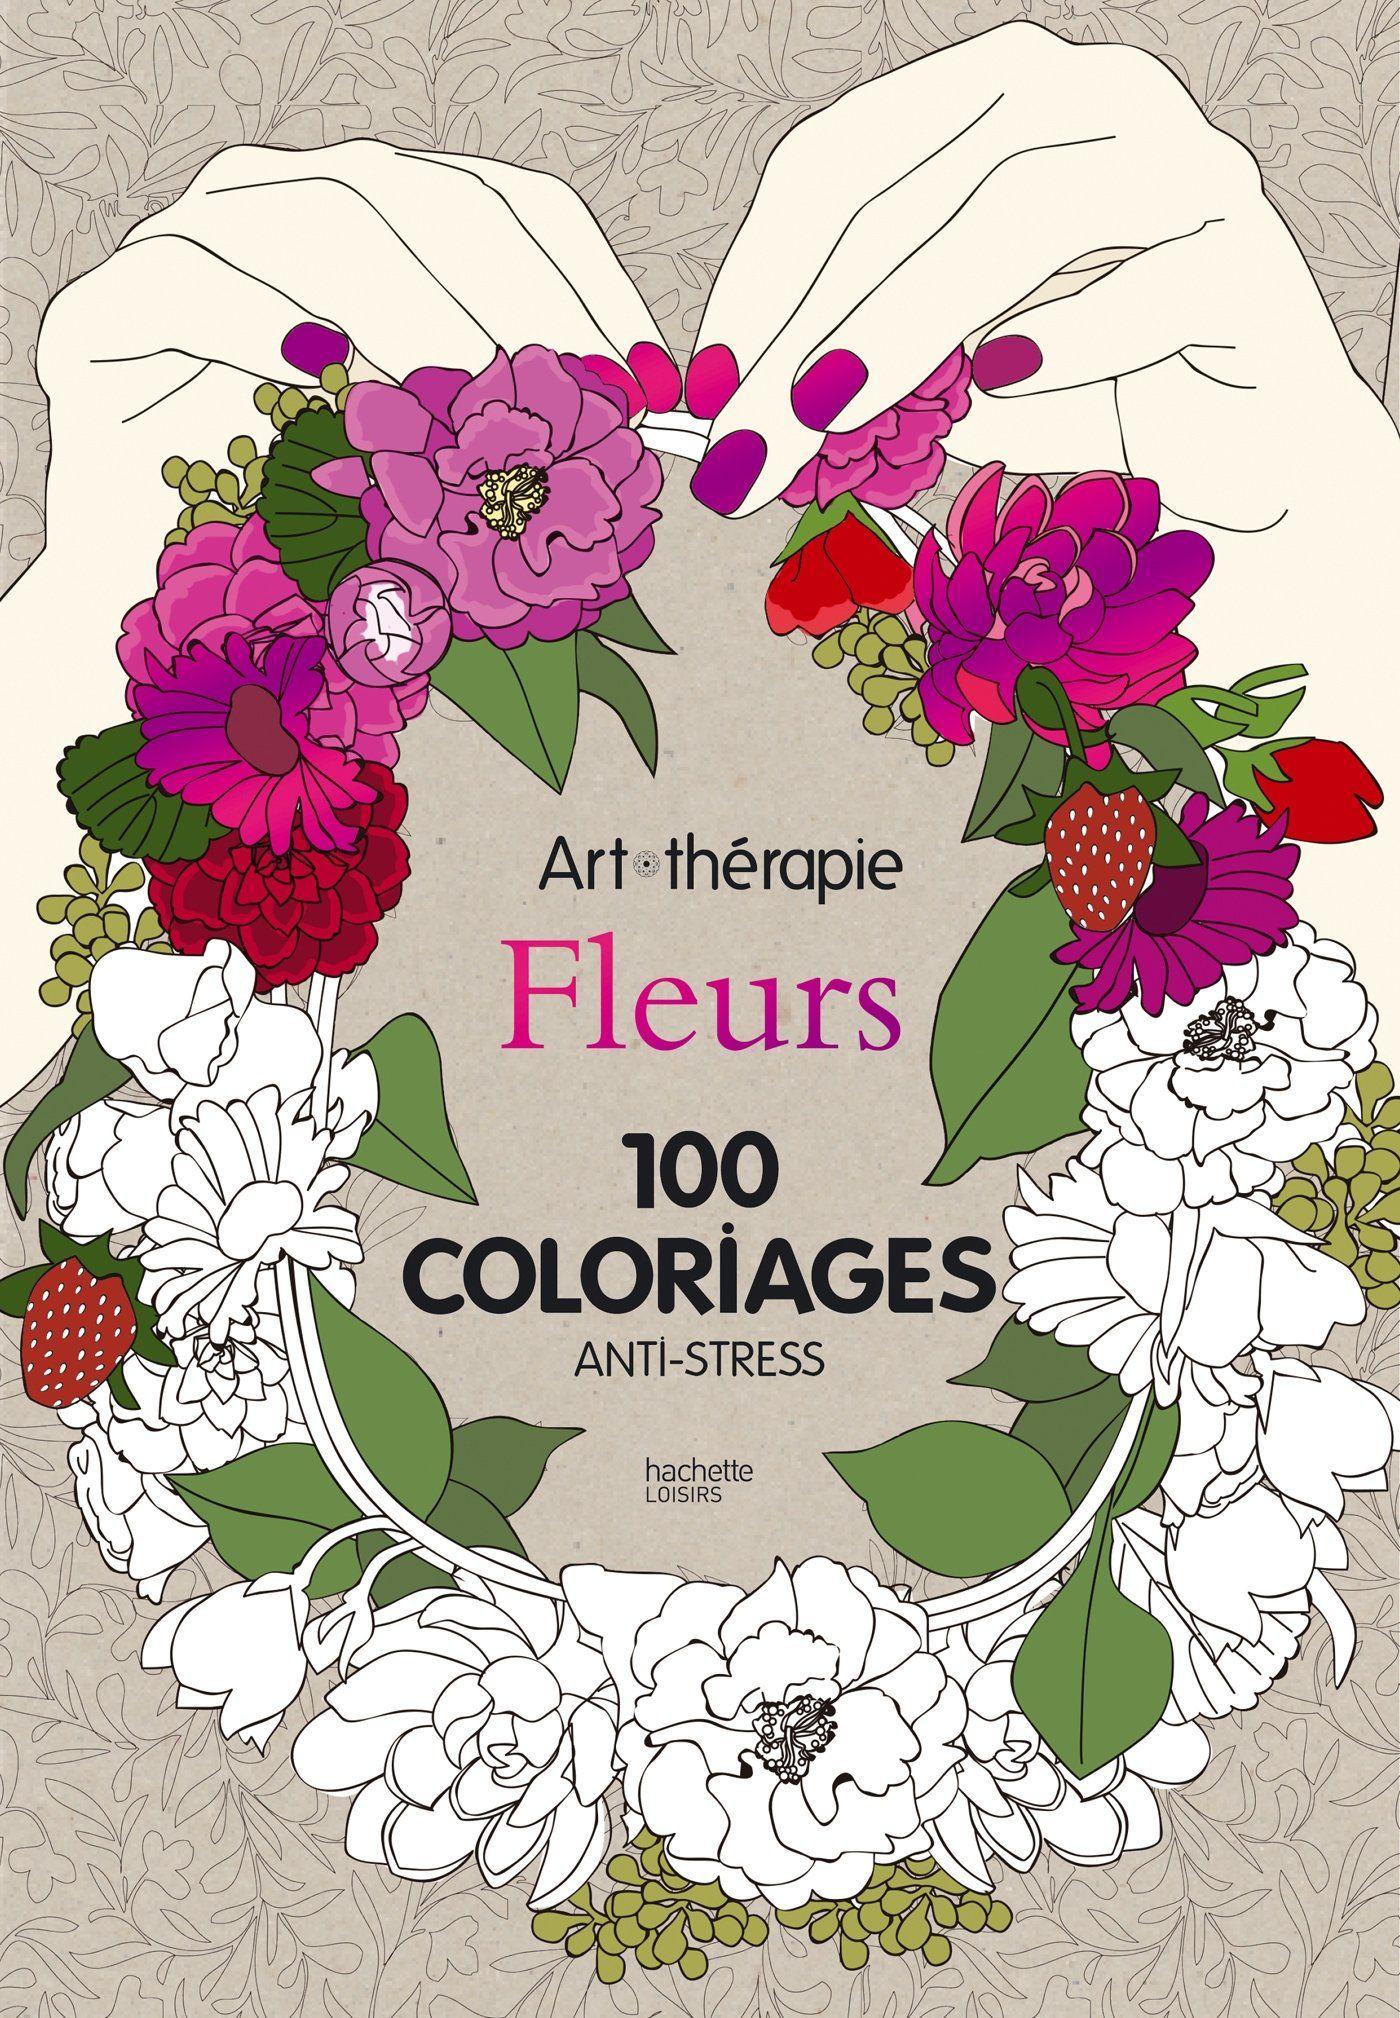 Fleurs 100 coloriages anti stress